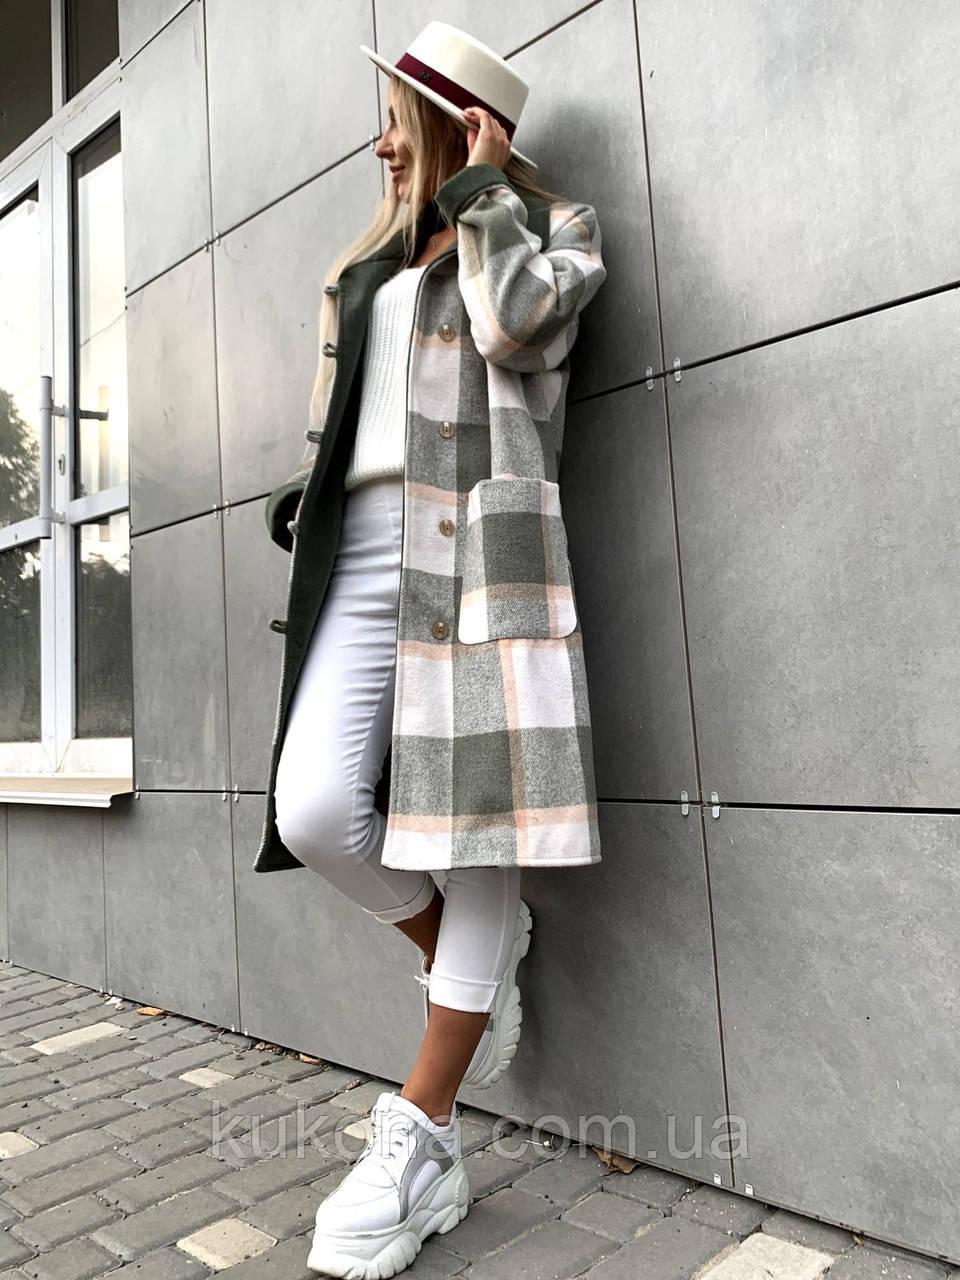 Пальто в клетку кашемировое женское. Размер: 42-46. Цвет: мокко, оливка.